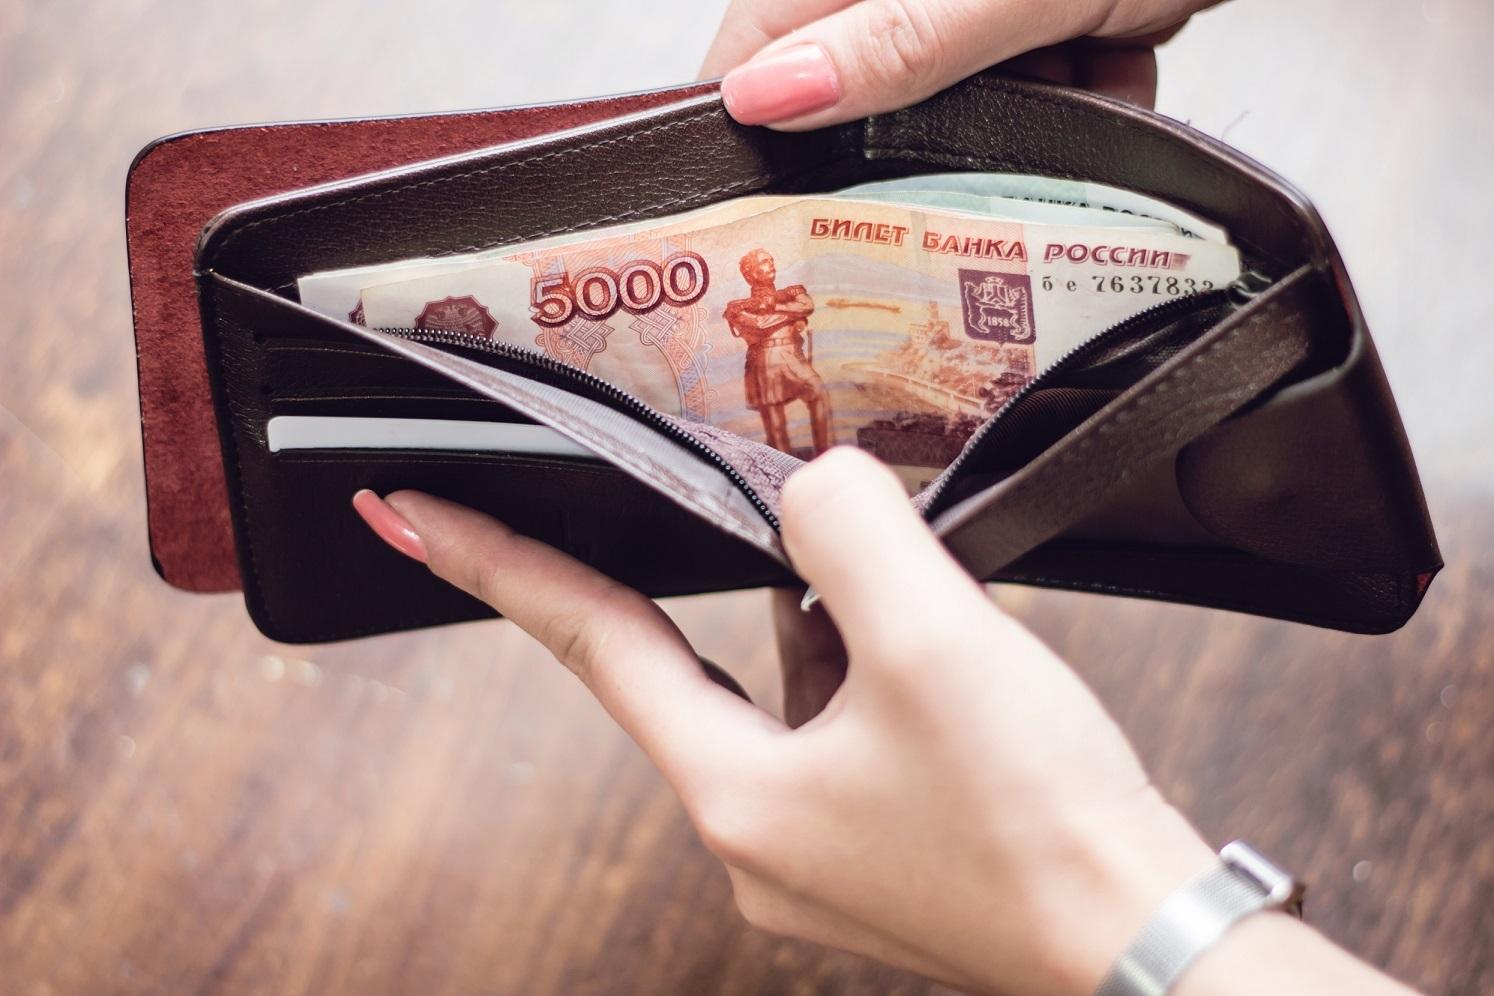 """Как сэкономить деньги: полезные купоны появились в газете """"Программа телевидения и радио"""""""